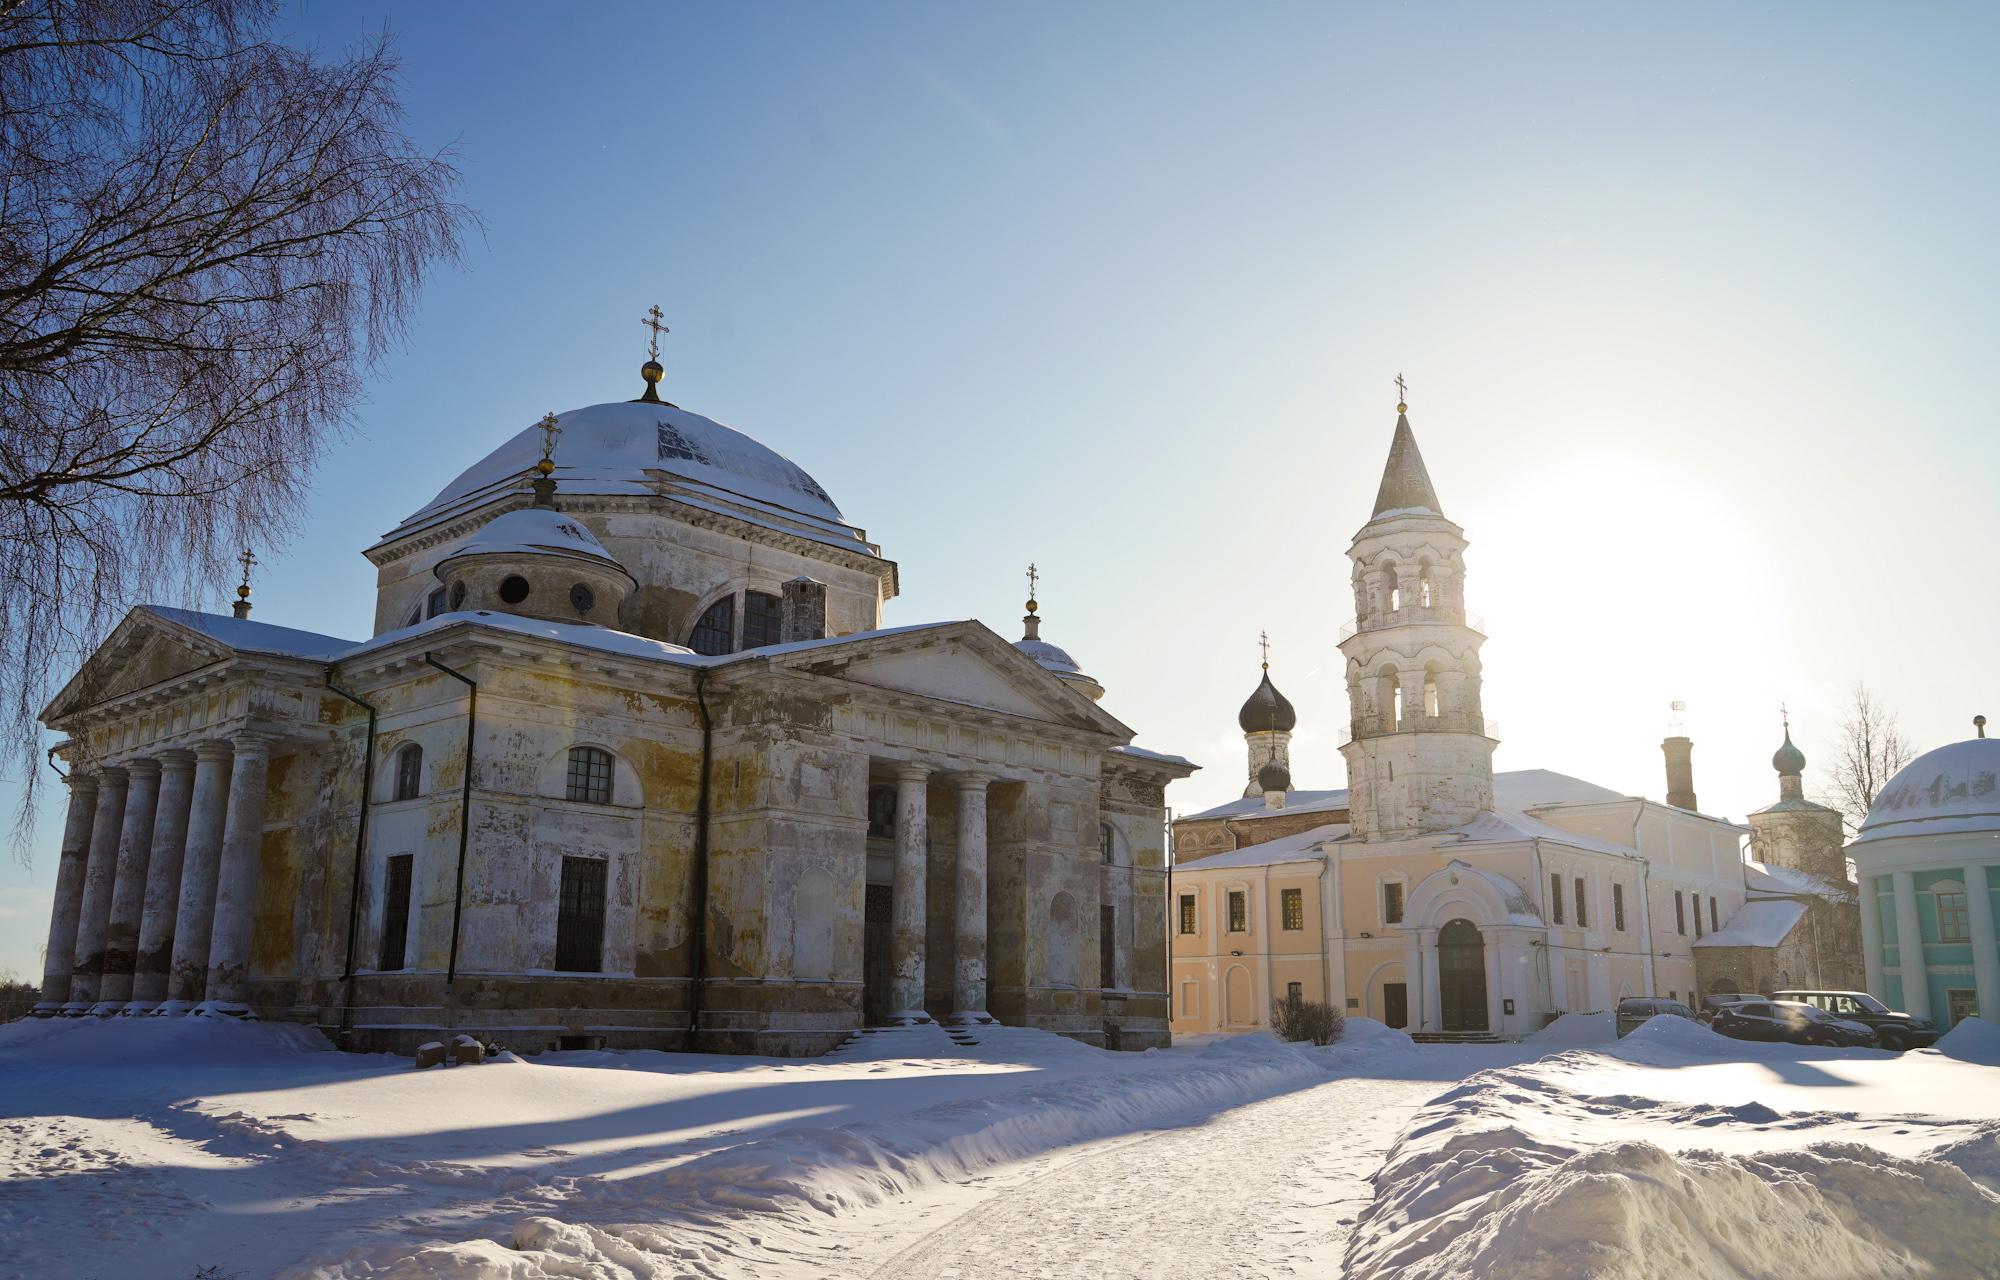 Реставрационные работы в Борисоглебском монастыре в Торжке планируется завершить в 2021 году